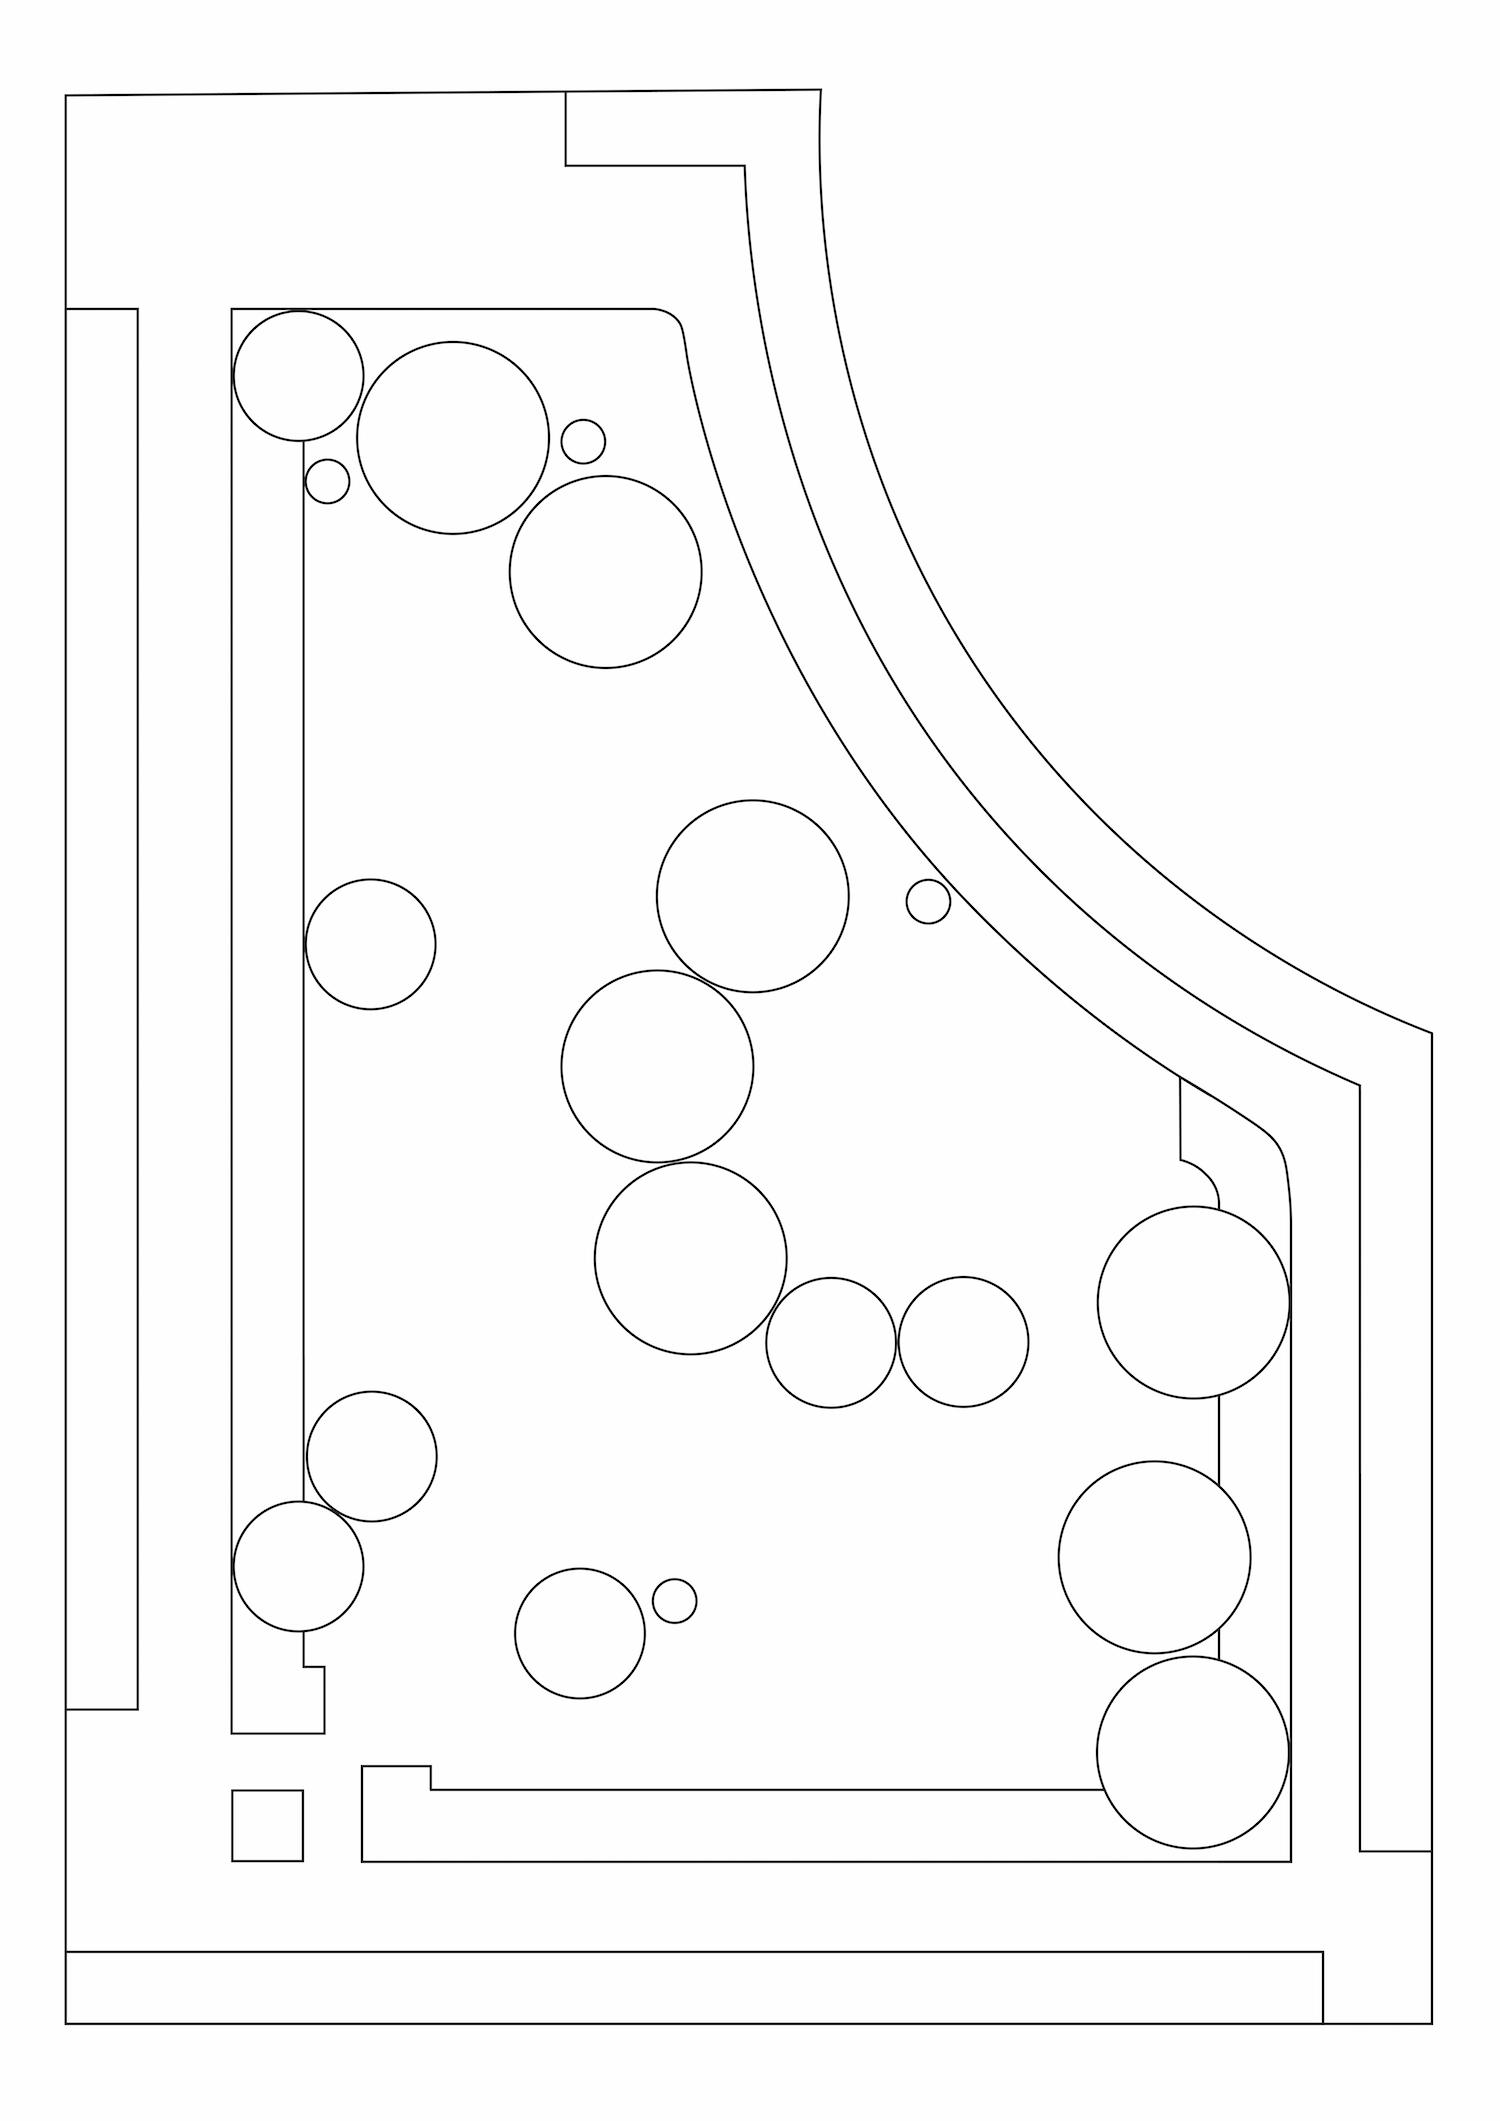 43_Zeichenfläche 1.jpg